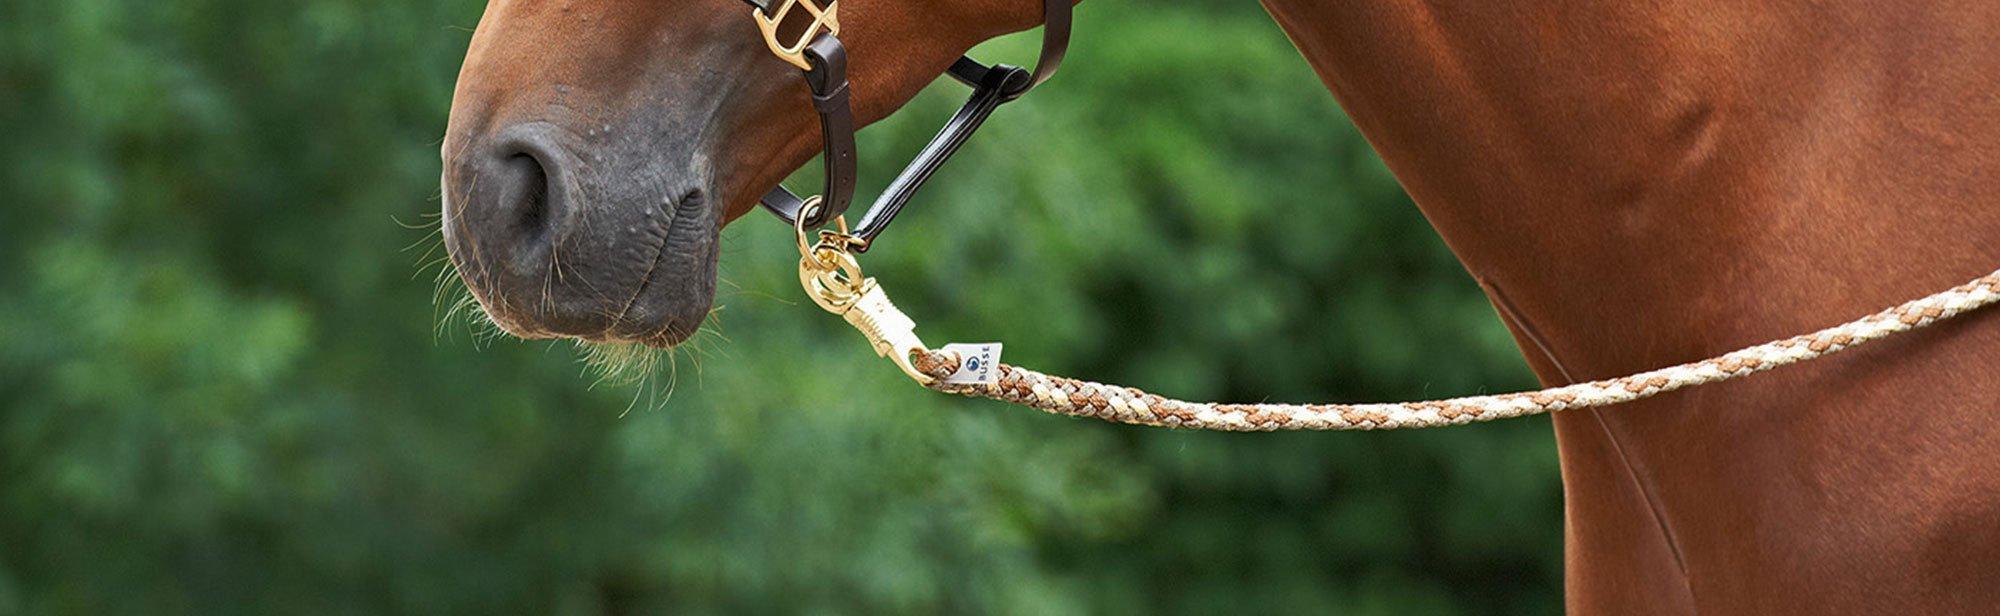 Führstricke für Pferde günstig online bestellen, Bild 2